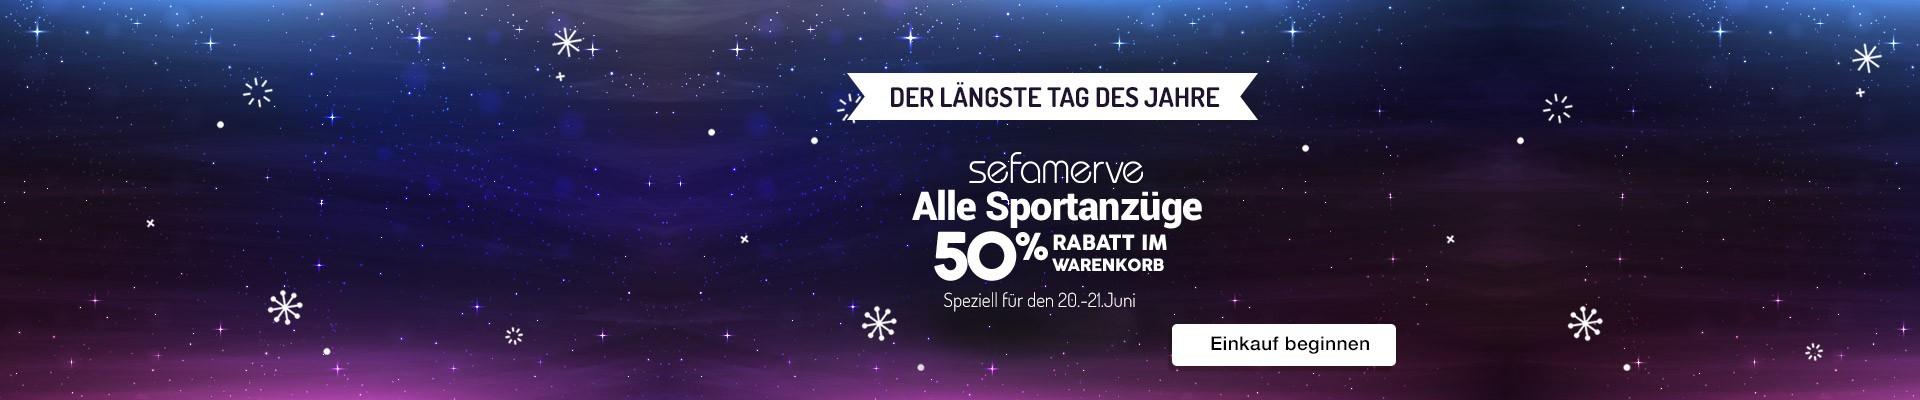 lle Sefamerve Sportanzüge 50% Hälfte des Warenkorbes